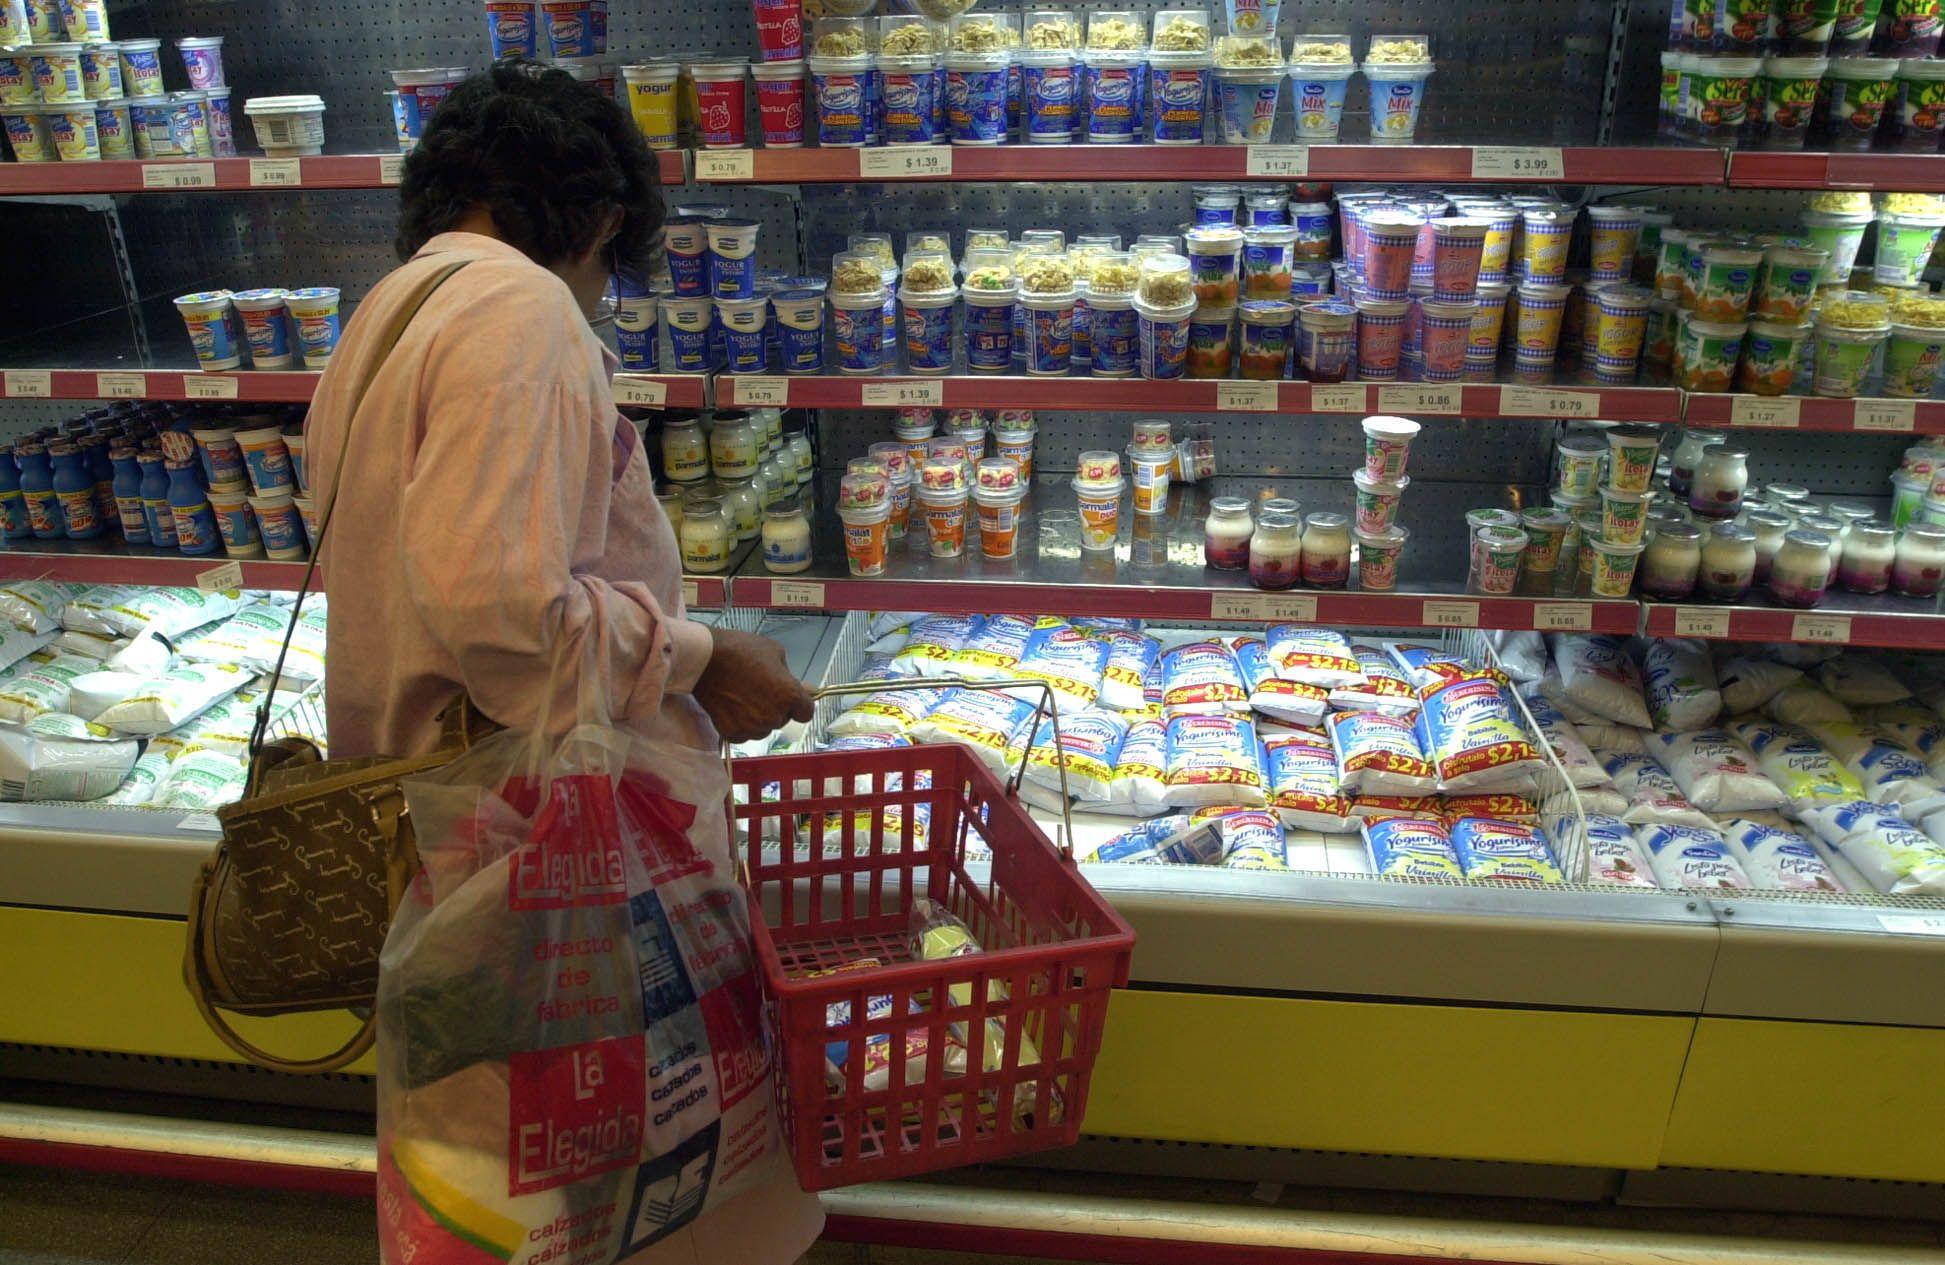 La crisis económica también impactó en el consumo de productos lácteos (DyN)